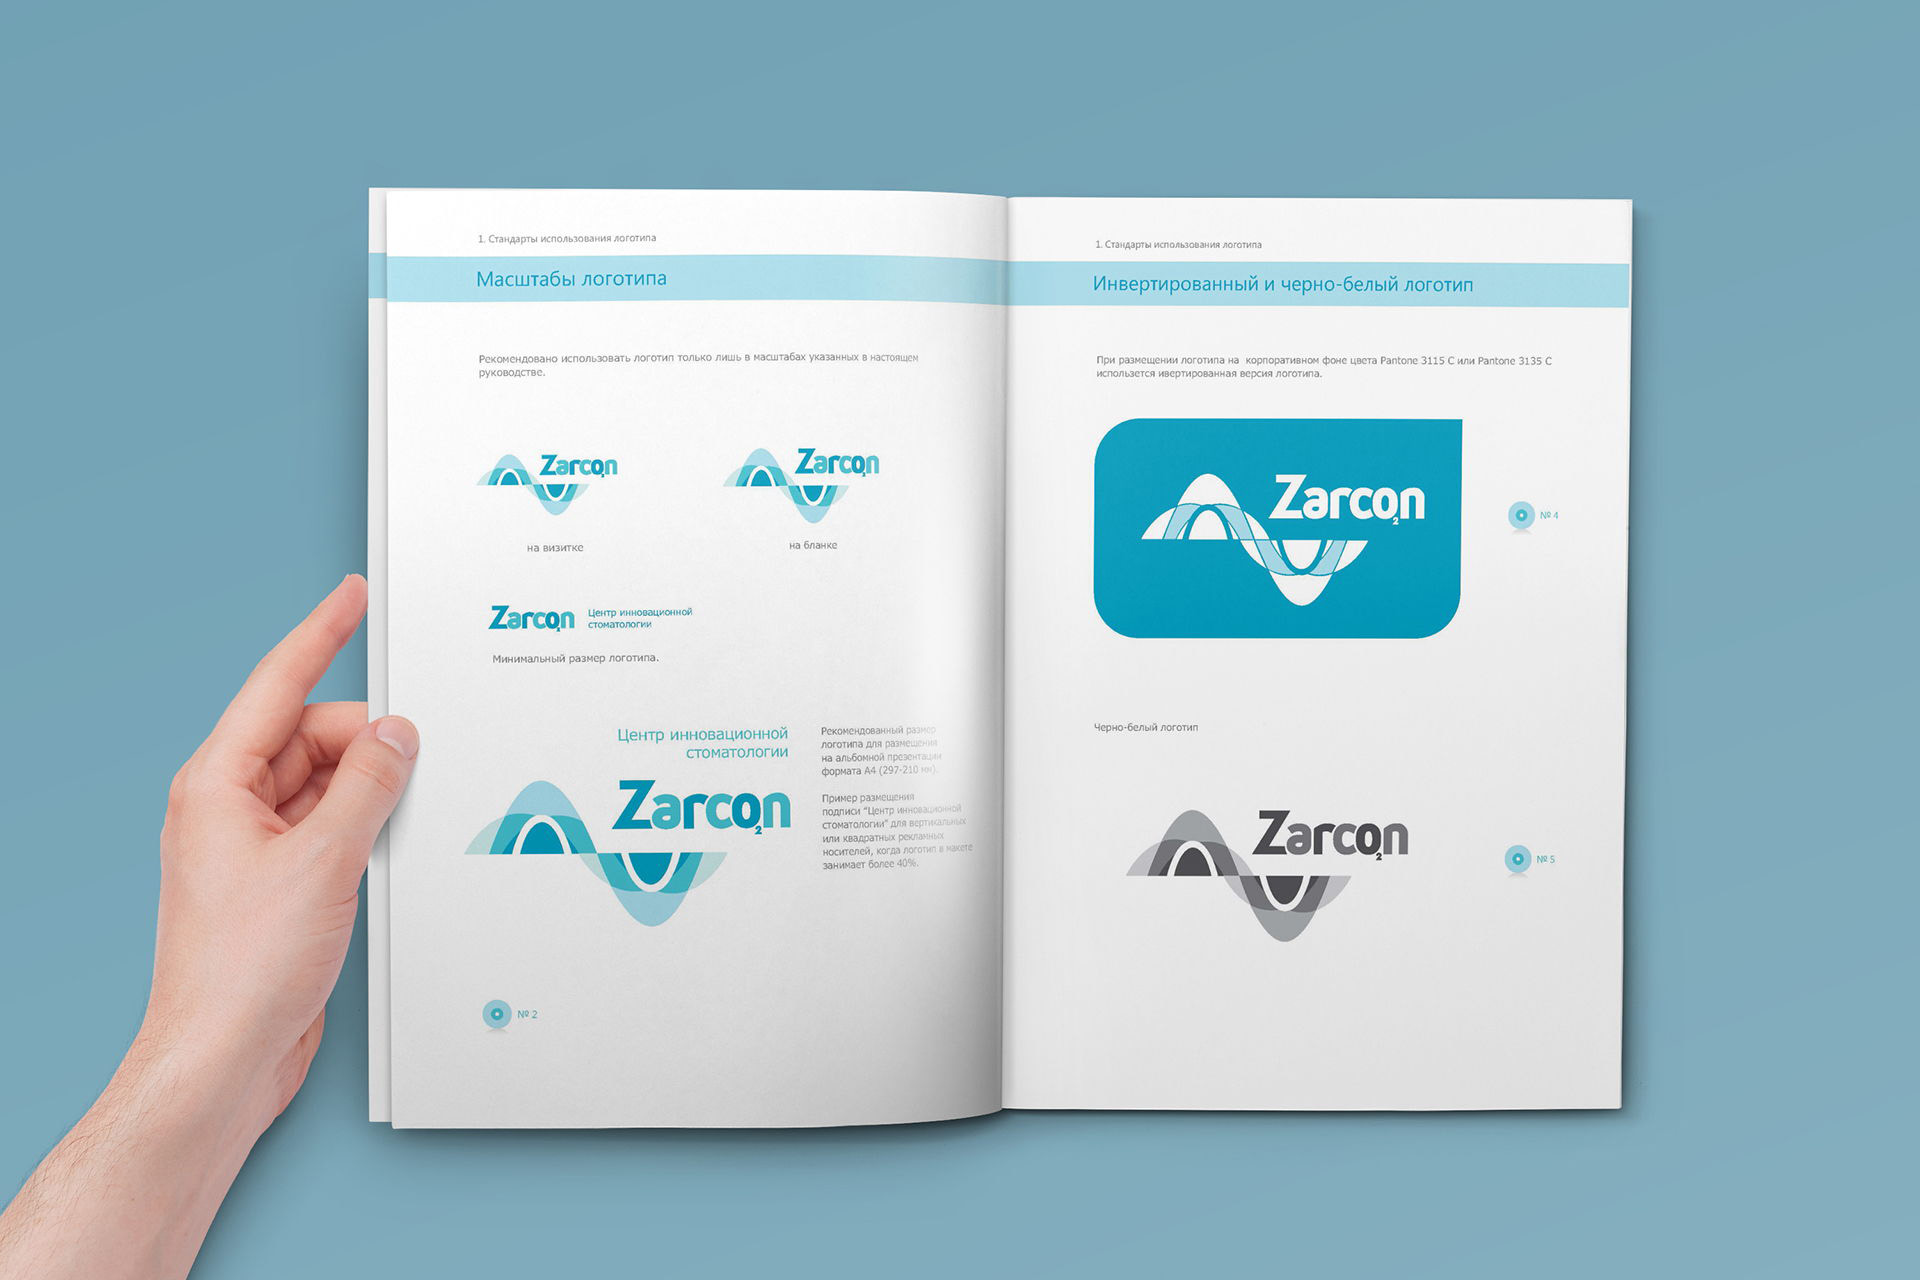 разработка брендбука стоматологического центра Zarcon